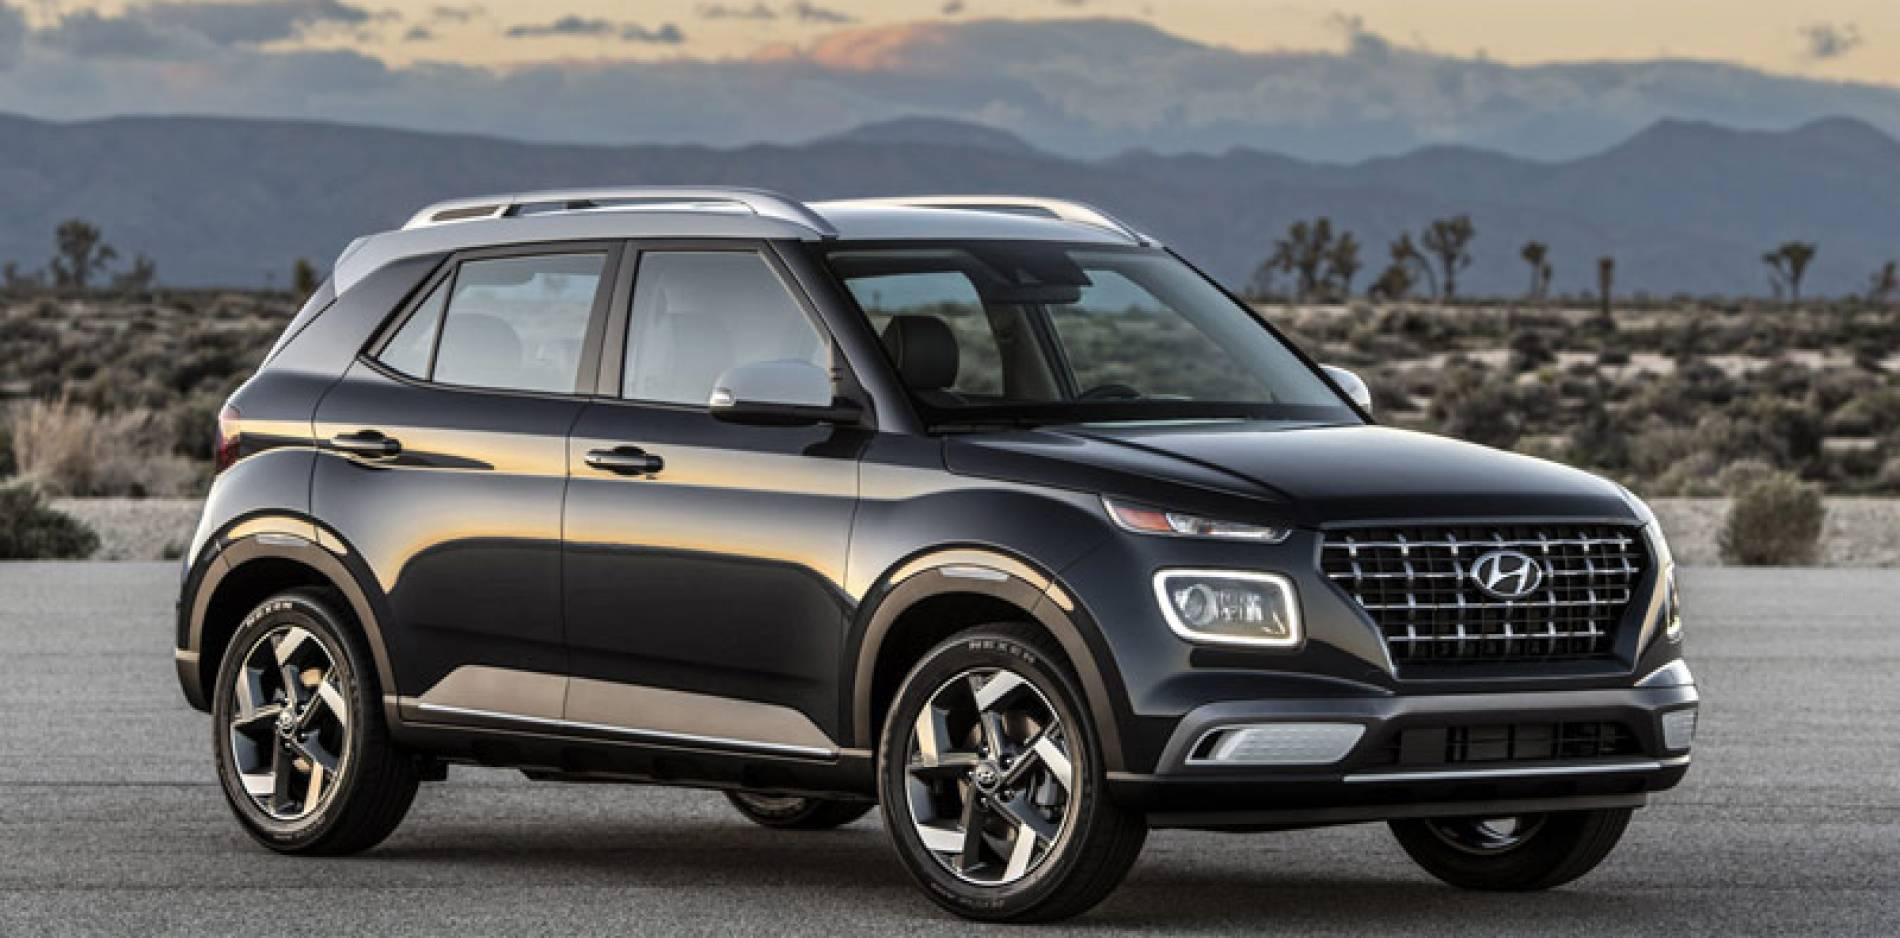 Hyundai Venue, un mini Kona al asalto de mercado yanqui, ¿y el europeo?